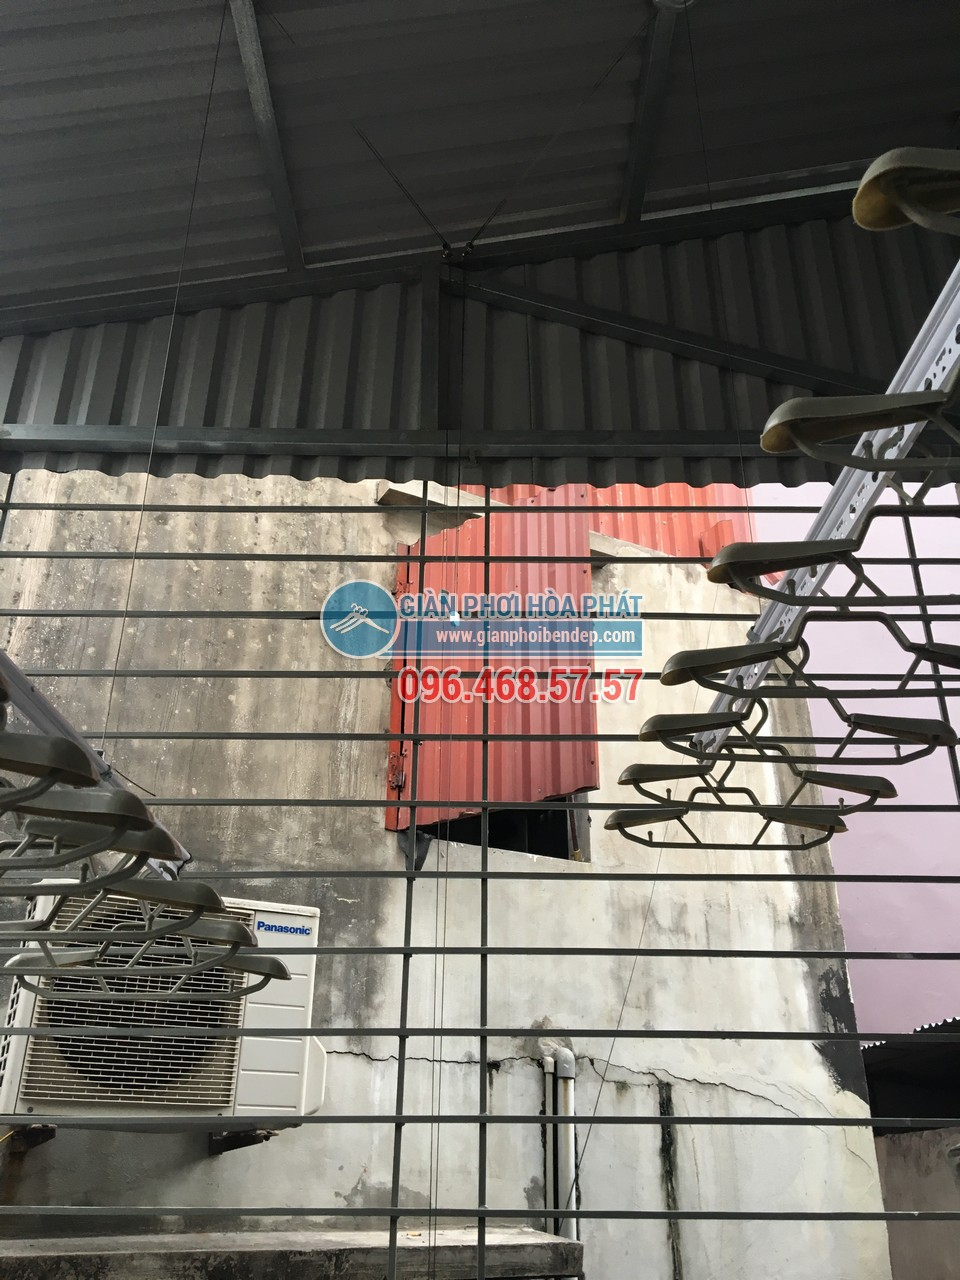 Lắp giàn phơi thông minh cho sân phơi bằng mái tôn nhà anh Chiến, Nguyễn Ngọc Nại - 07